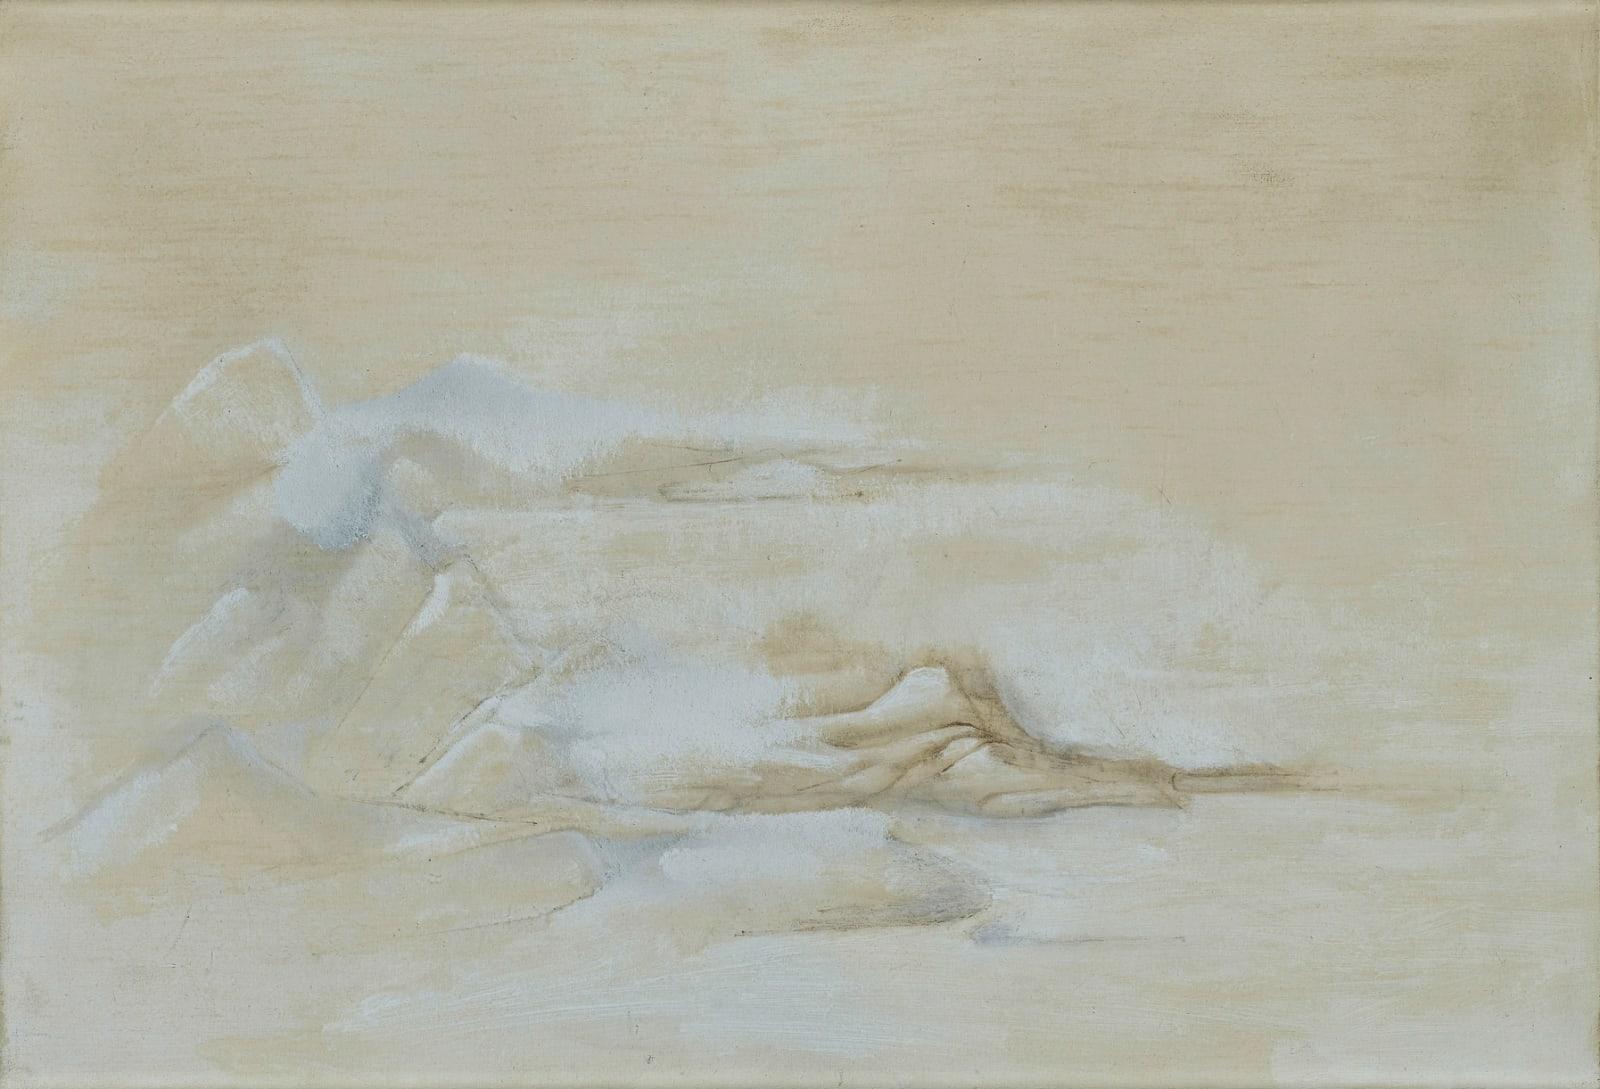 Lalan 謝景蘭, Untitled《無題》, 1979 - 1981